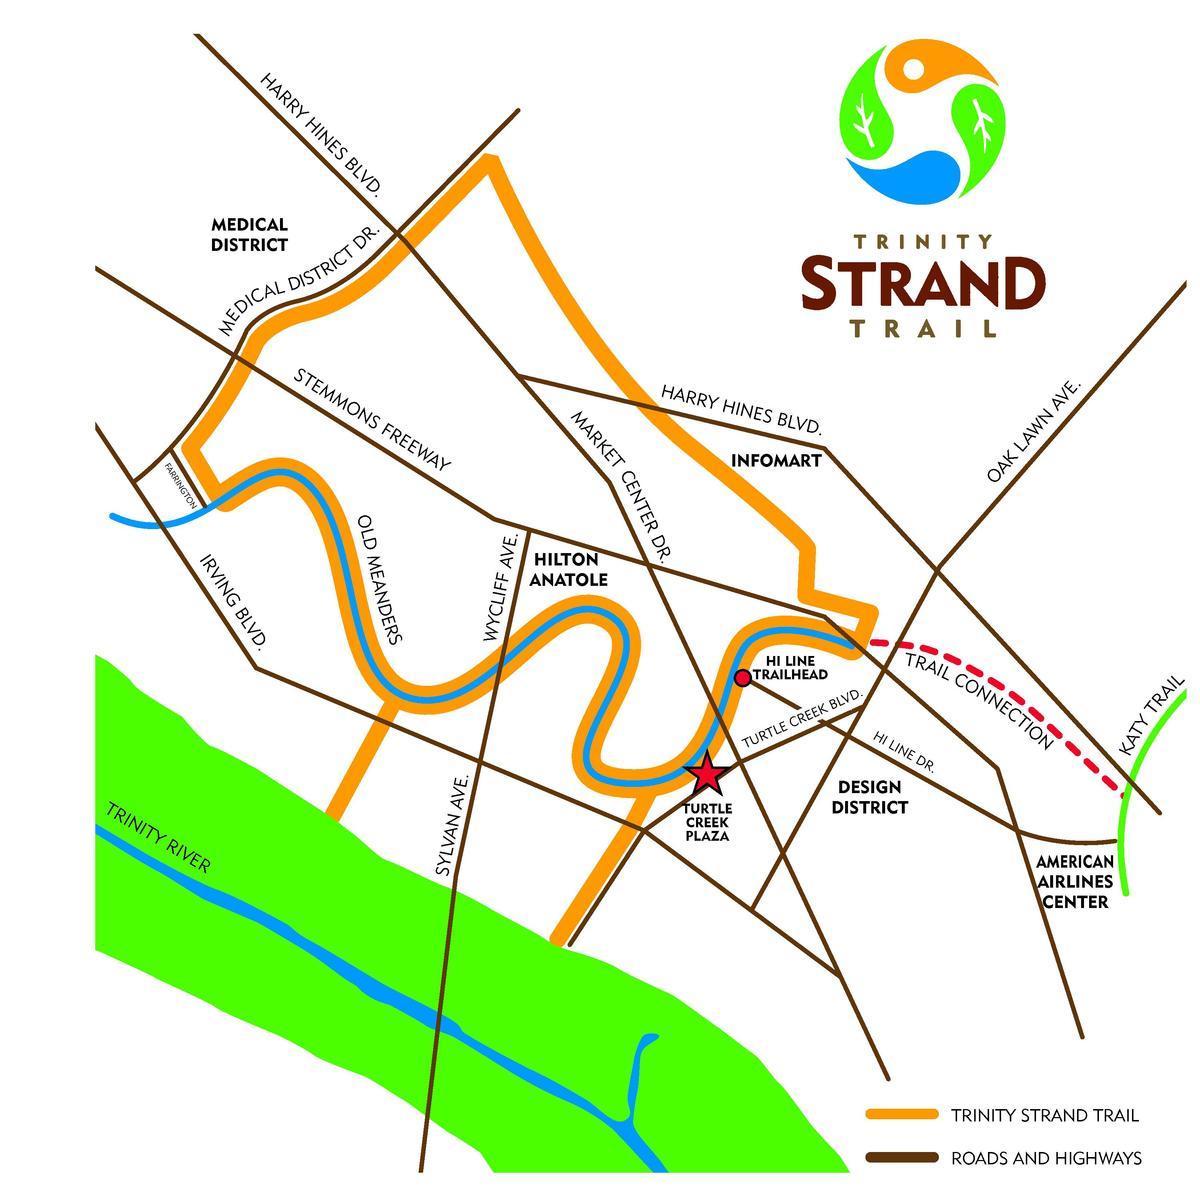 Trinity Strand Trail - Wikipedia